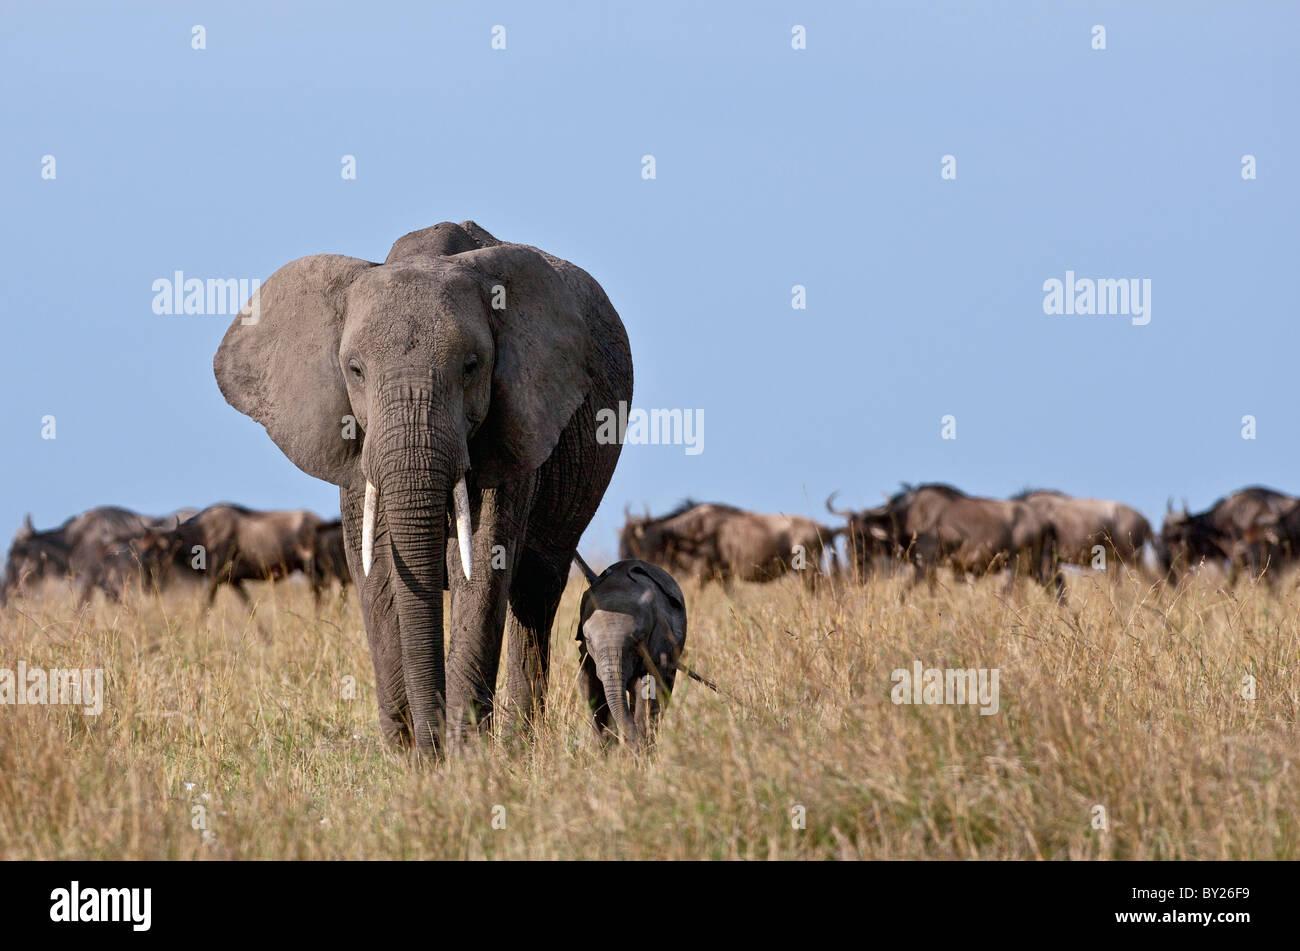 Un elefante e il suo molto piccole di vitello con una mandria di gnu in background. Immagini Stock